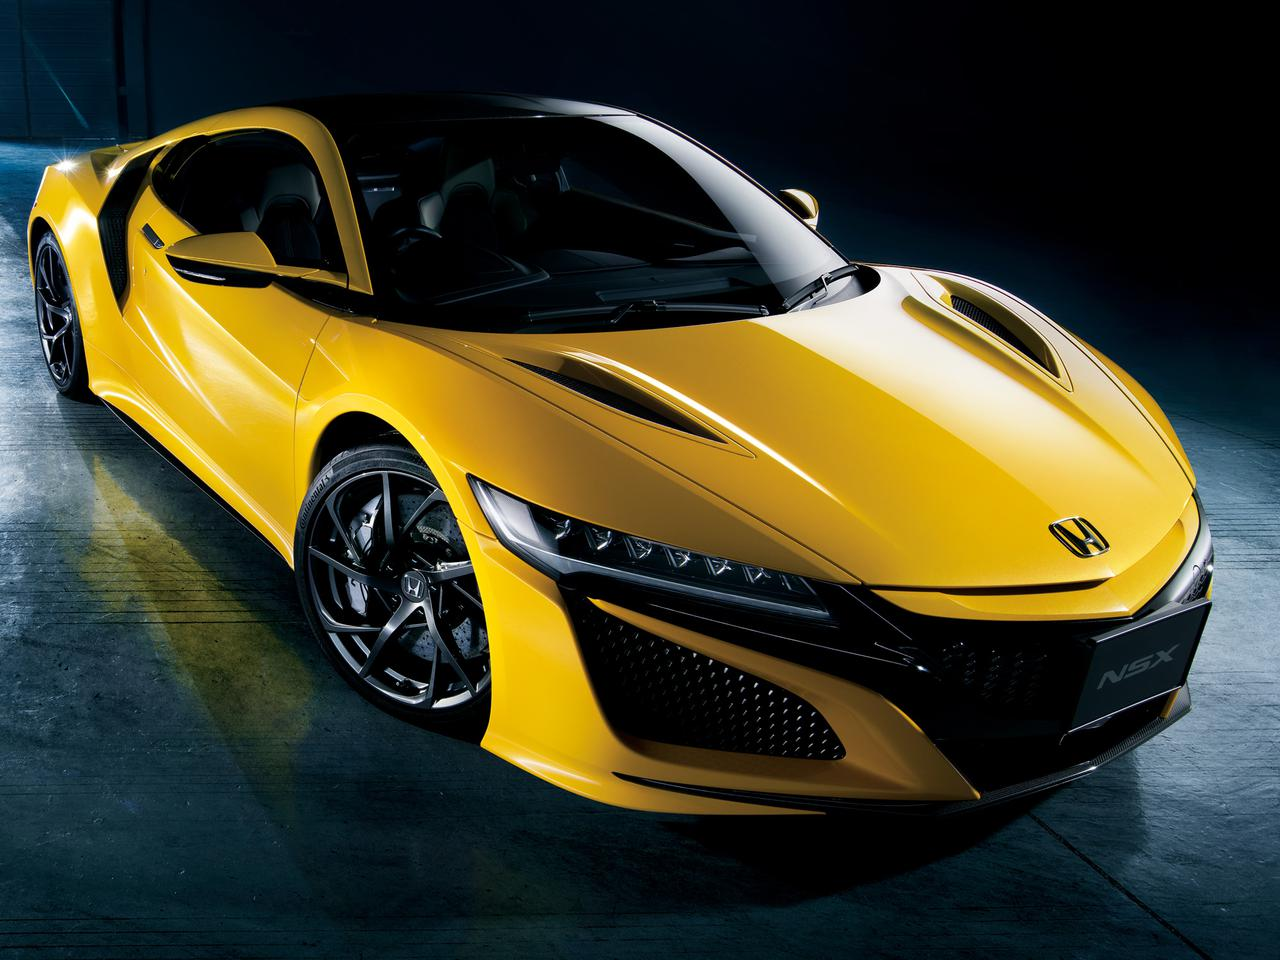 Nsx ホンダ タイプ一覧|タイプ・価格・装備|NSX|Honda公式サイト